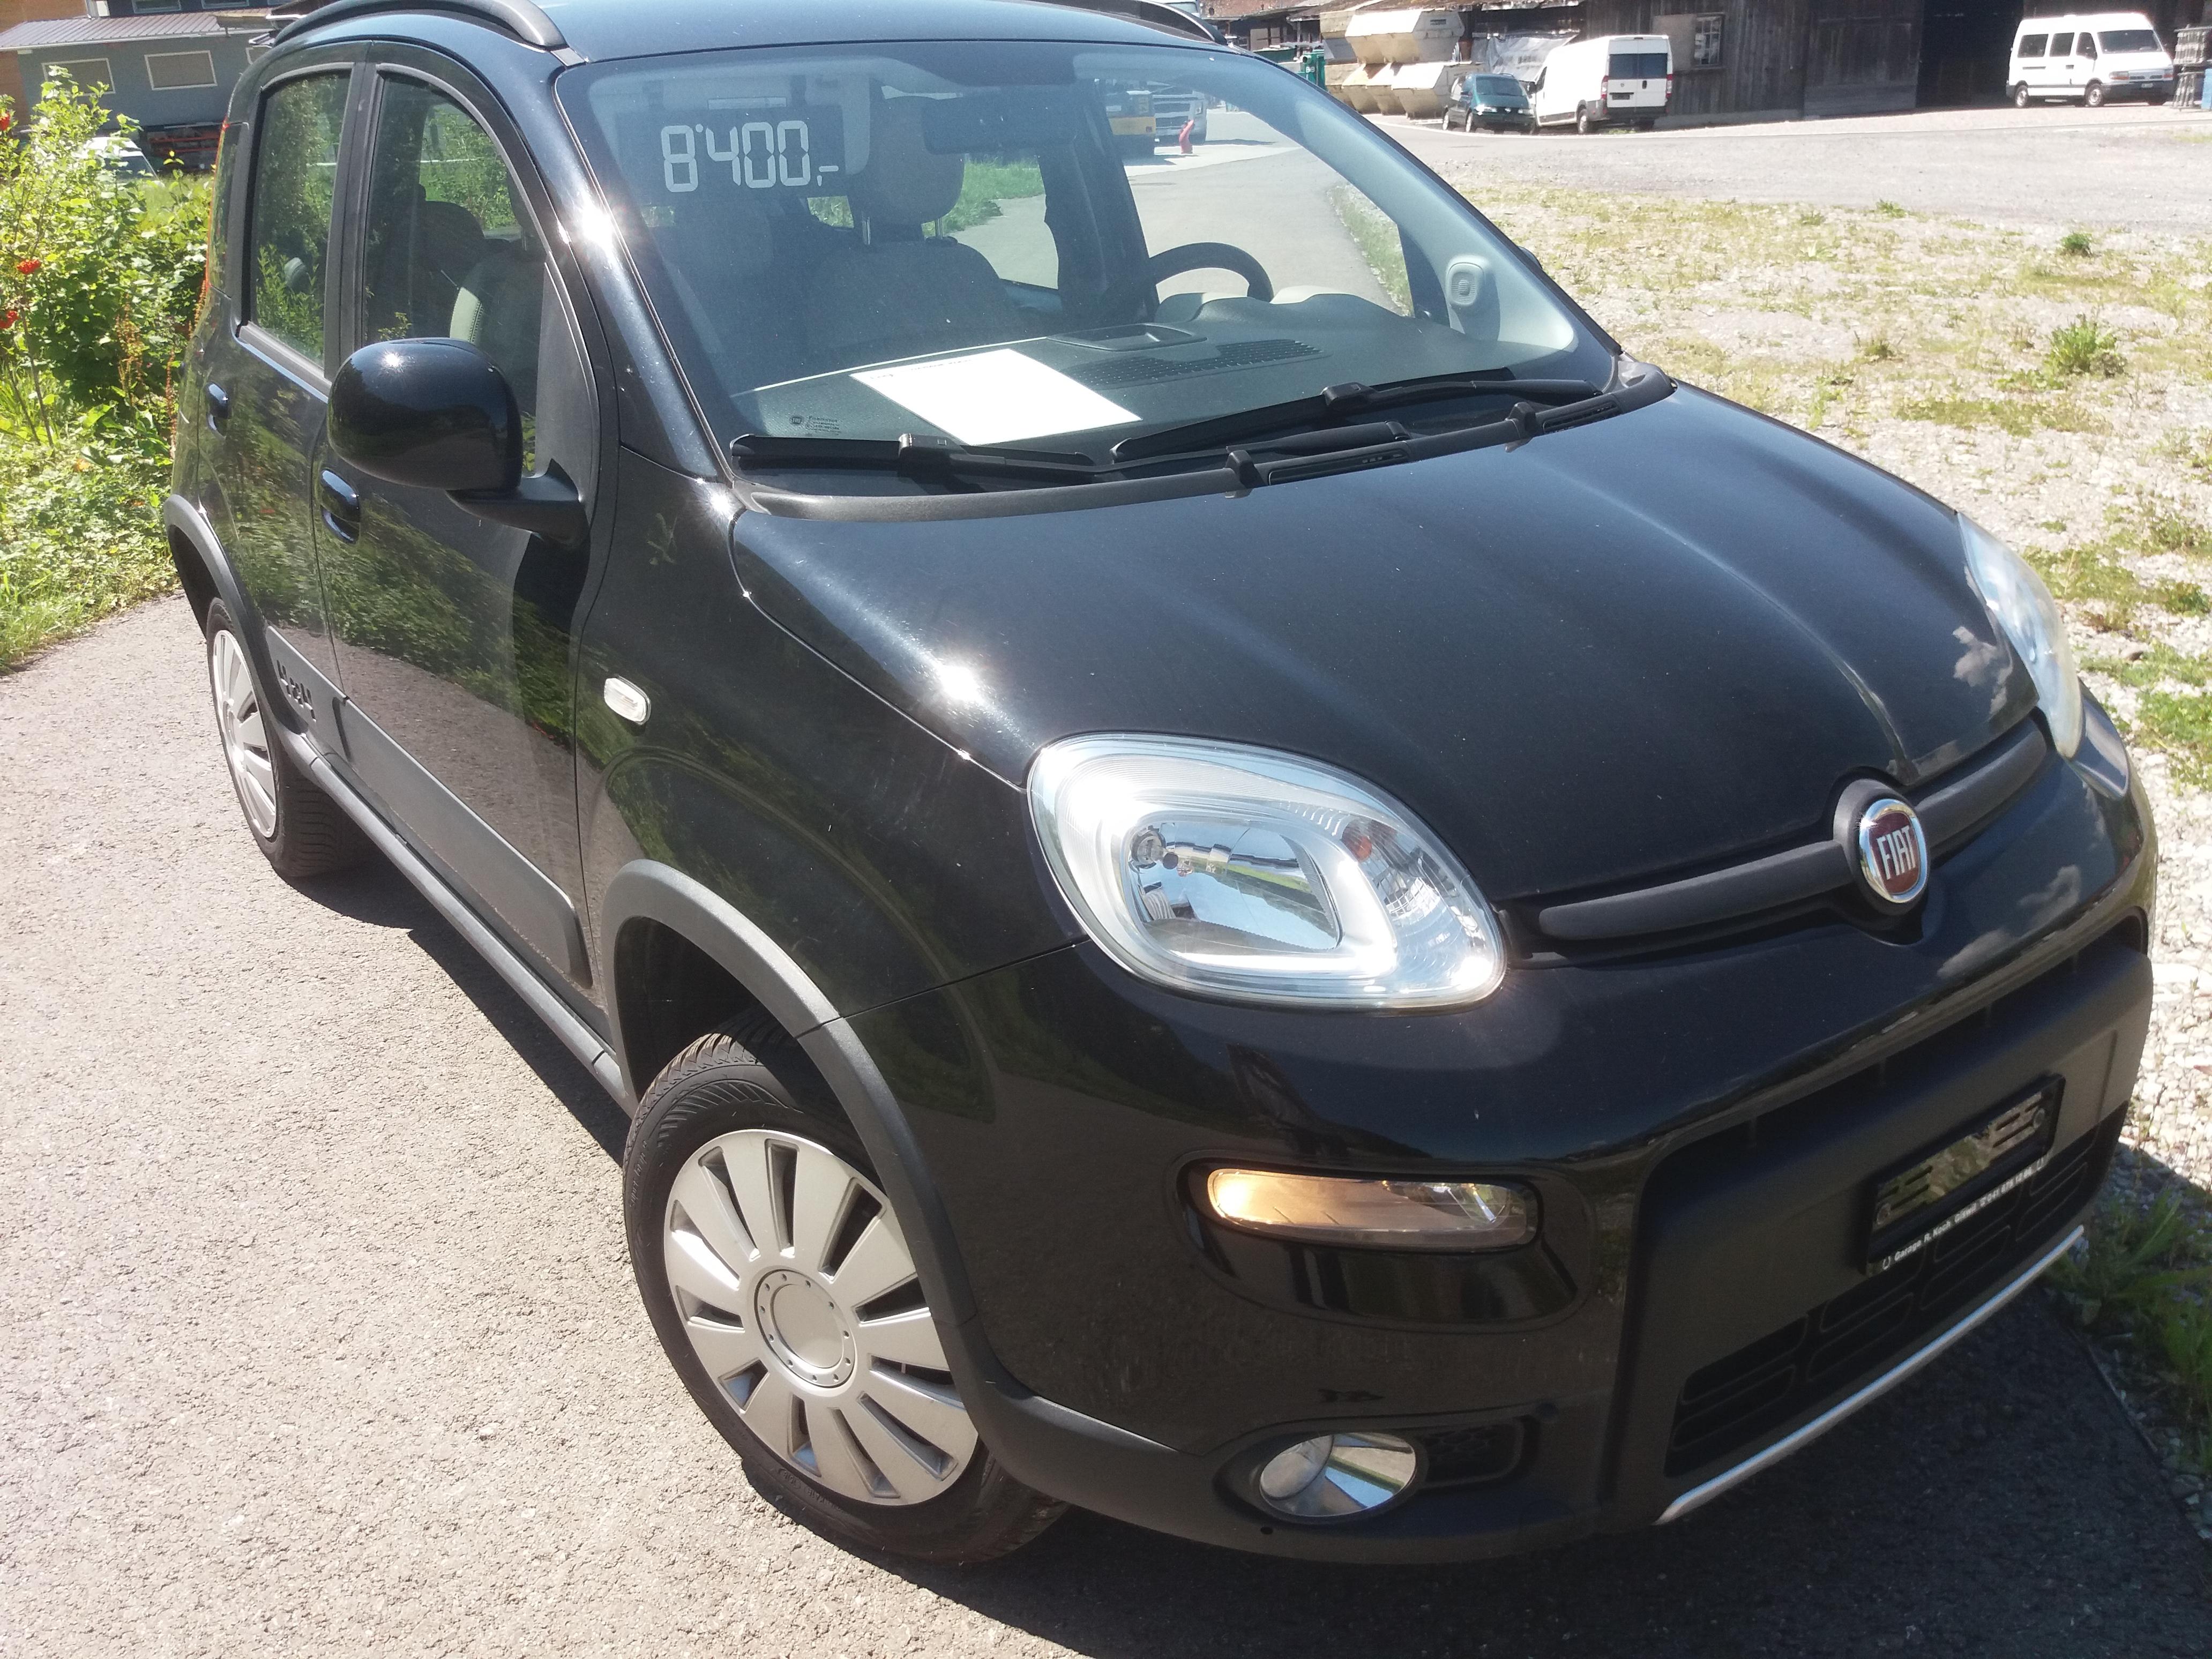 saloon Fiat Panda 0.9 T TwinAir Pop 4x4 S/S